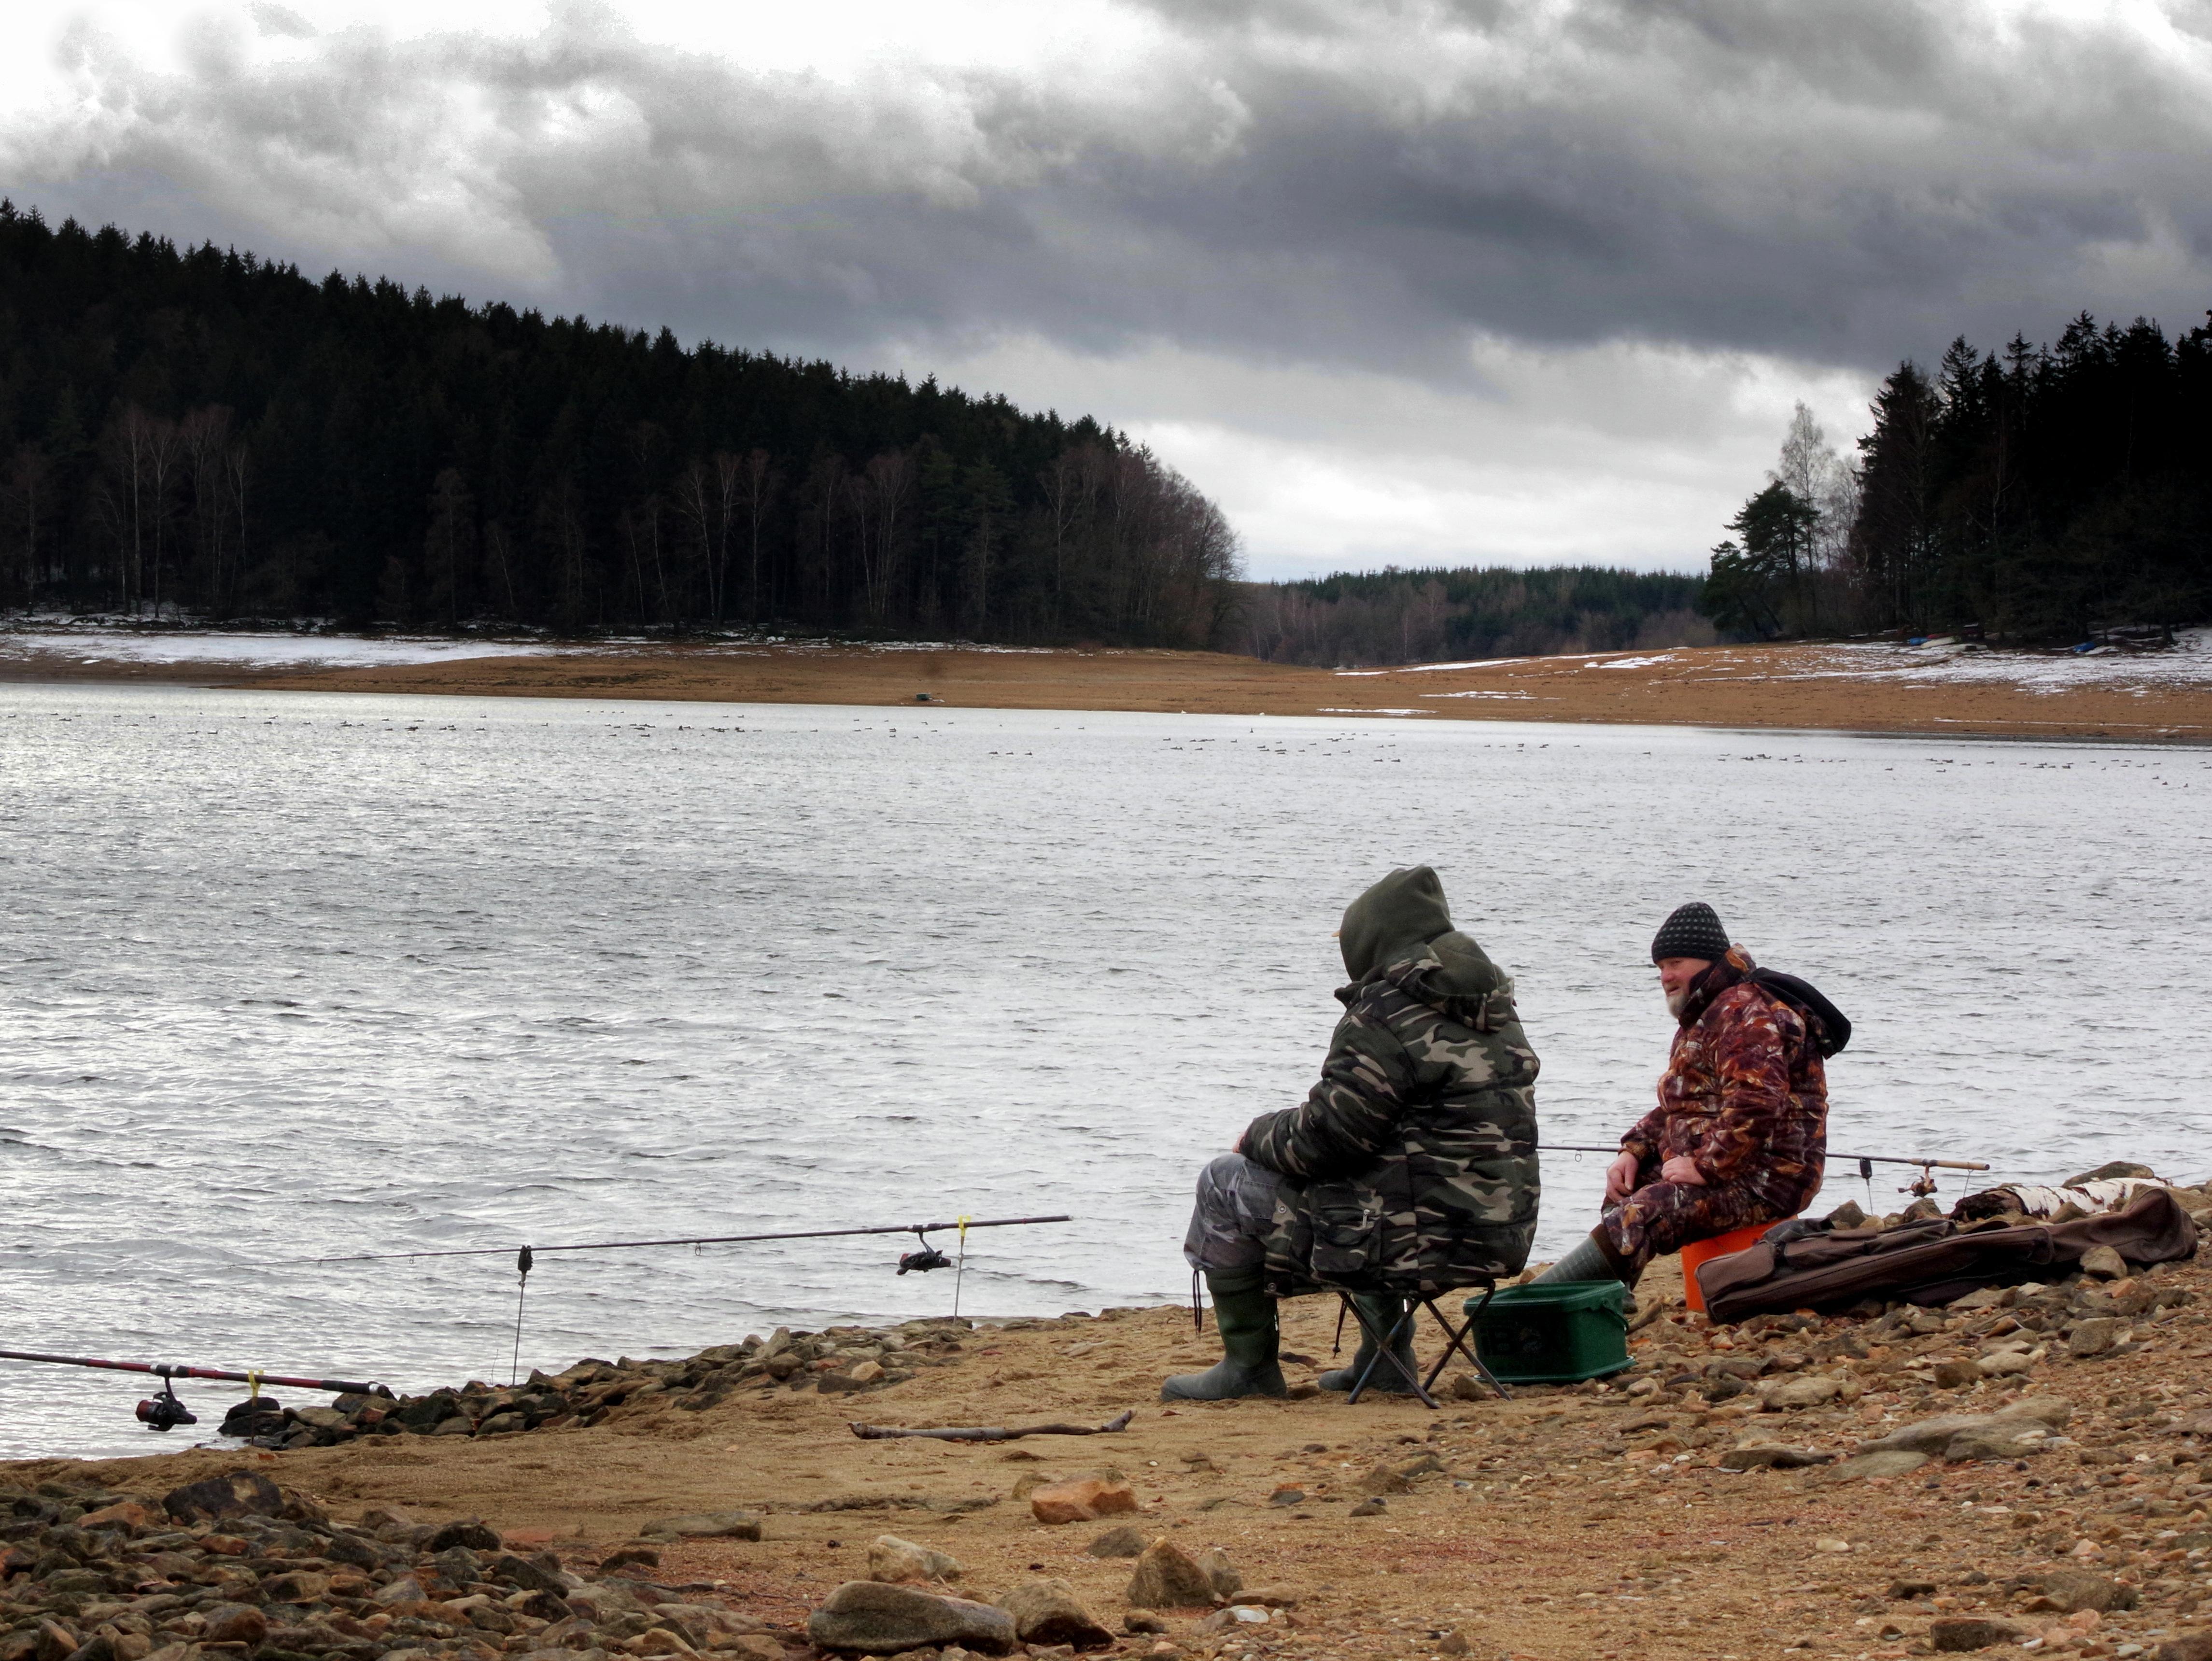 Propadl vám v březnu rybářský lístek? Můžete chytat dál, rozhodlo ministerstvo